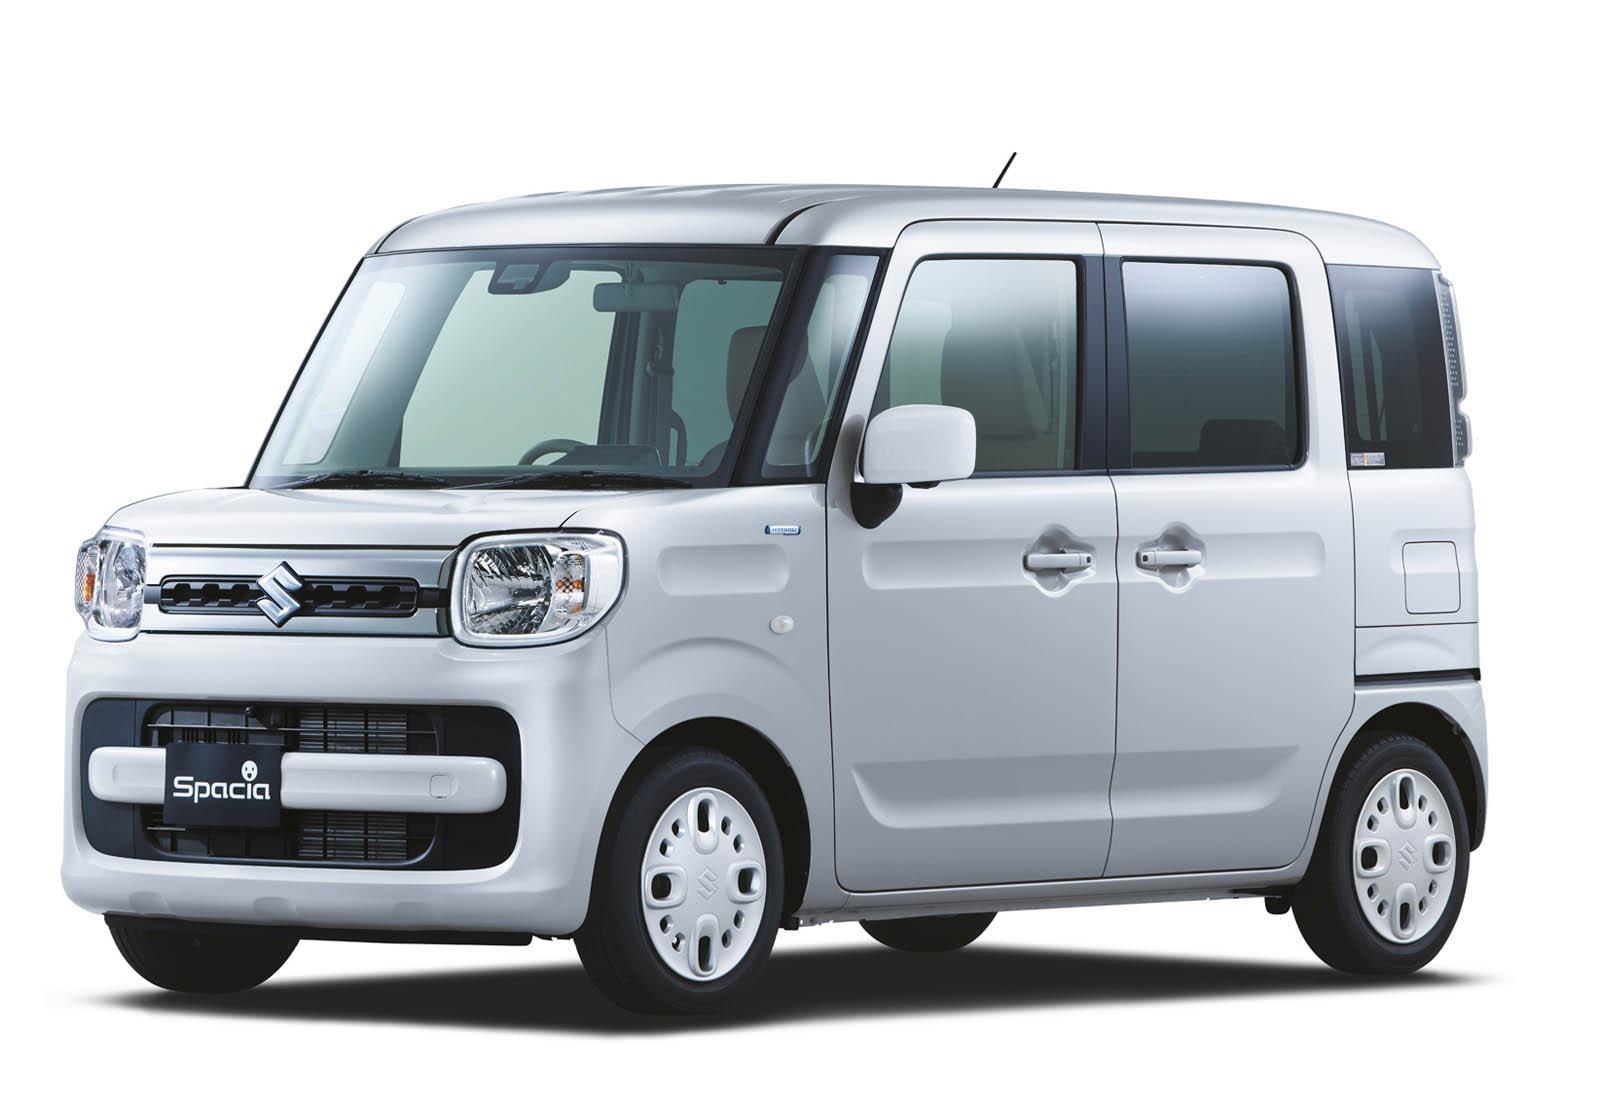 Suzuki Spacia 2018 (4)